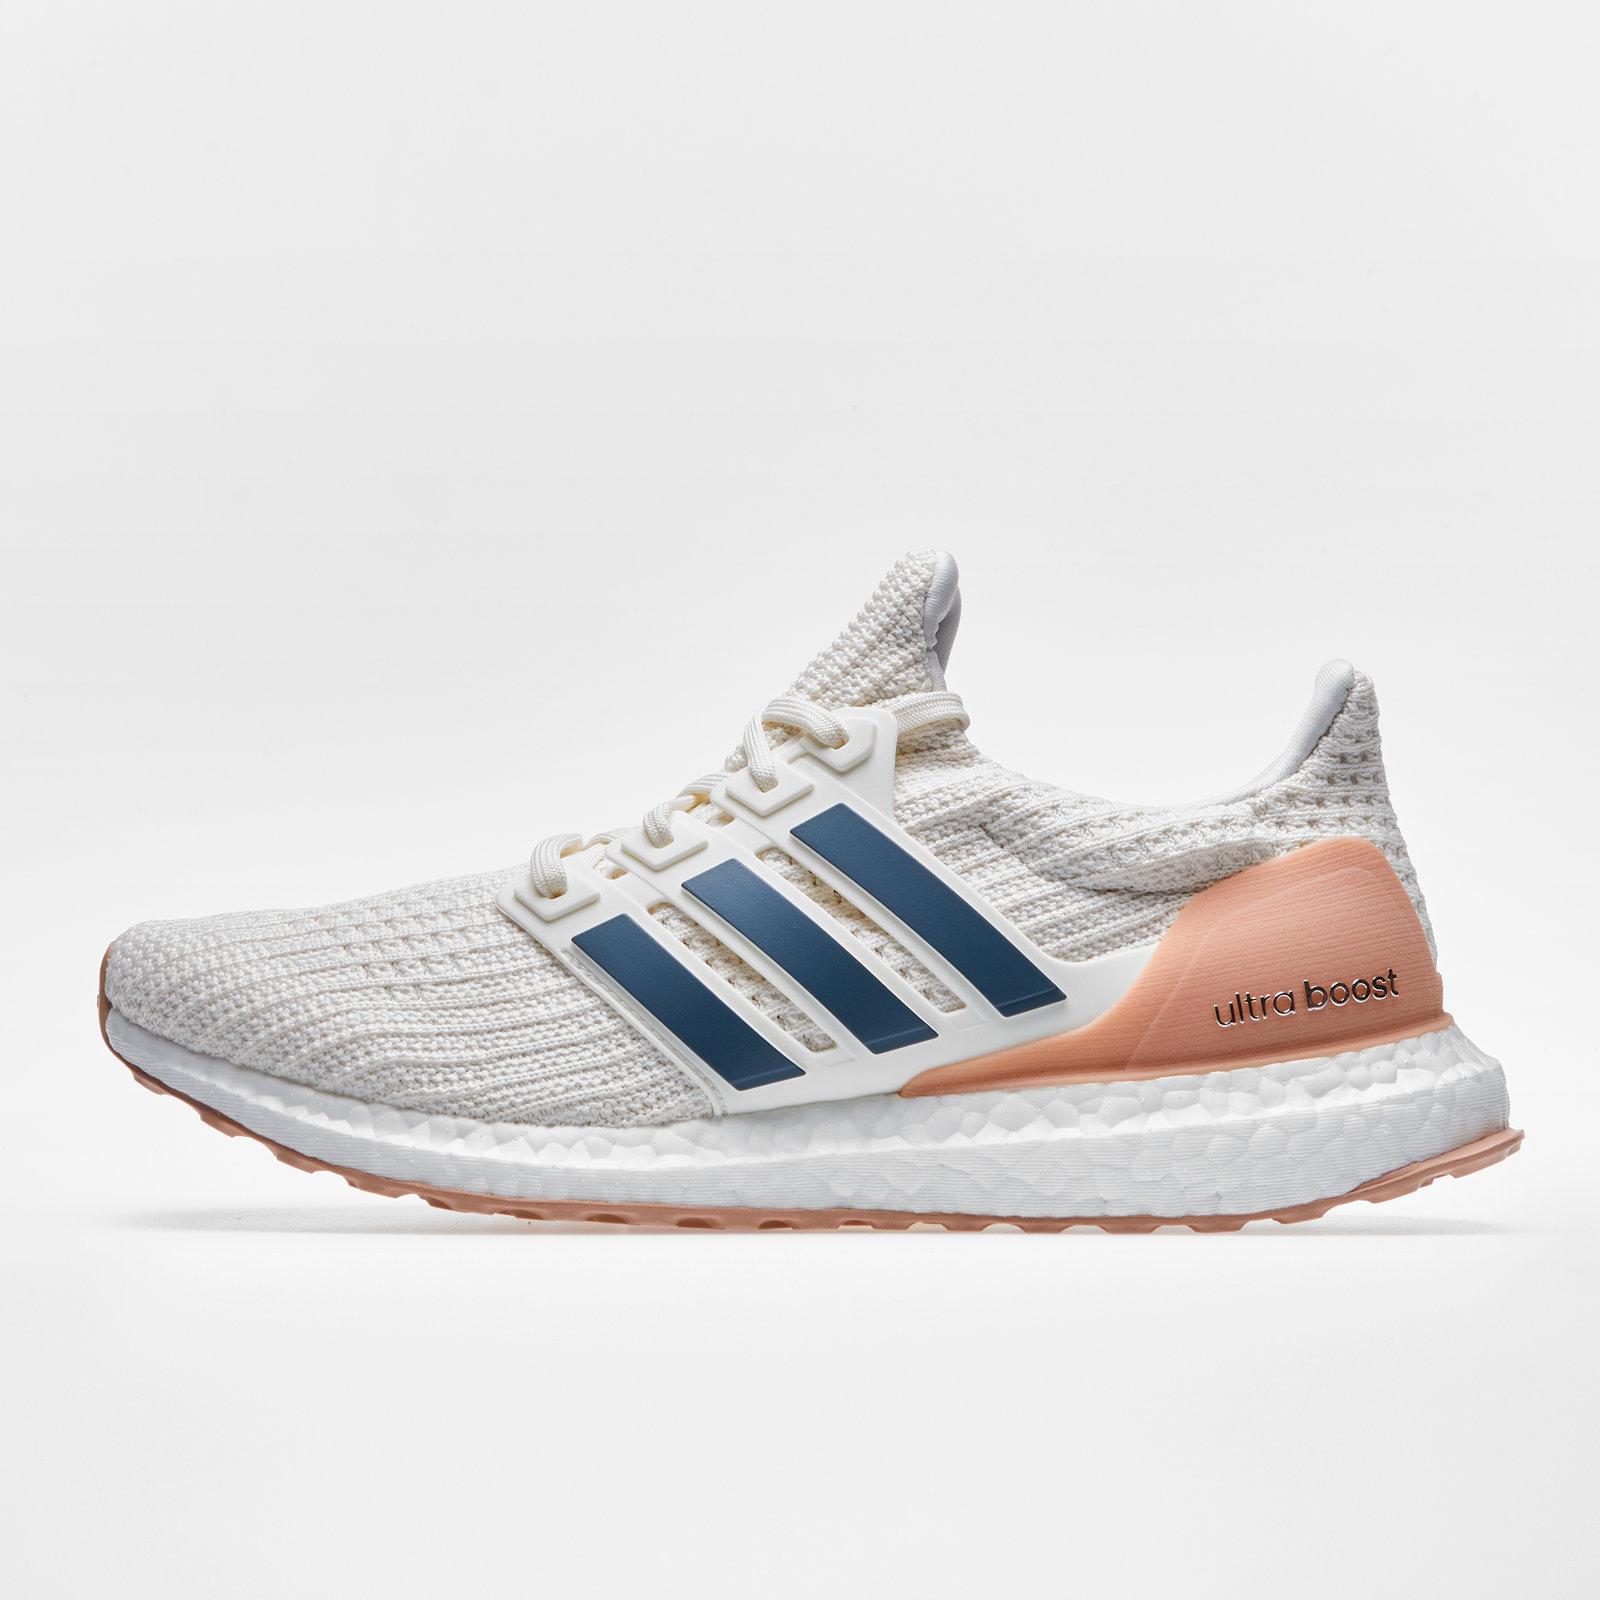 Détails sur Adidas Homme Ultra Boost Chaussures De Course Sport Baskets Blanc Entraînement Chaussures afficher le titre d'origine